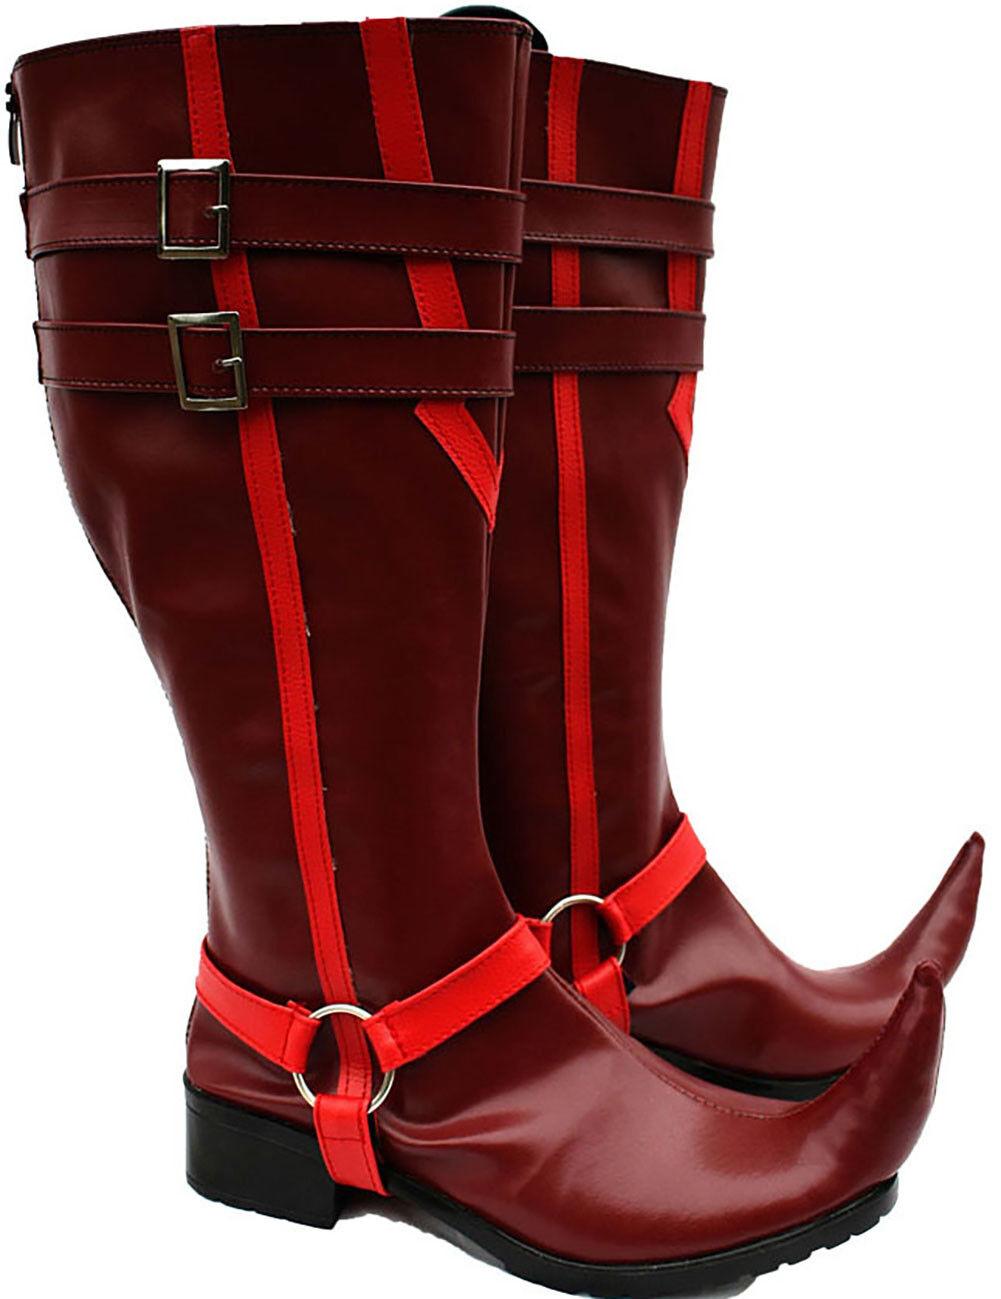 Cosplay Stiefel Schuhe for Ao no Blau Exorcist Mephisto Pheles Pheles Pheles  | Vorzügliche Verarbeitung  | Sale Düsseldorf  | Realistisch  | Outlet Online  | Überlegen  91a507